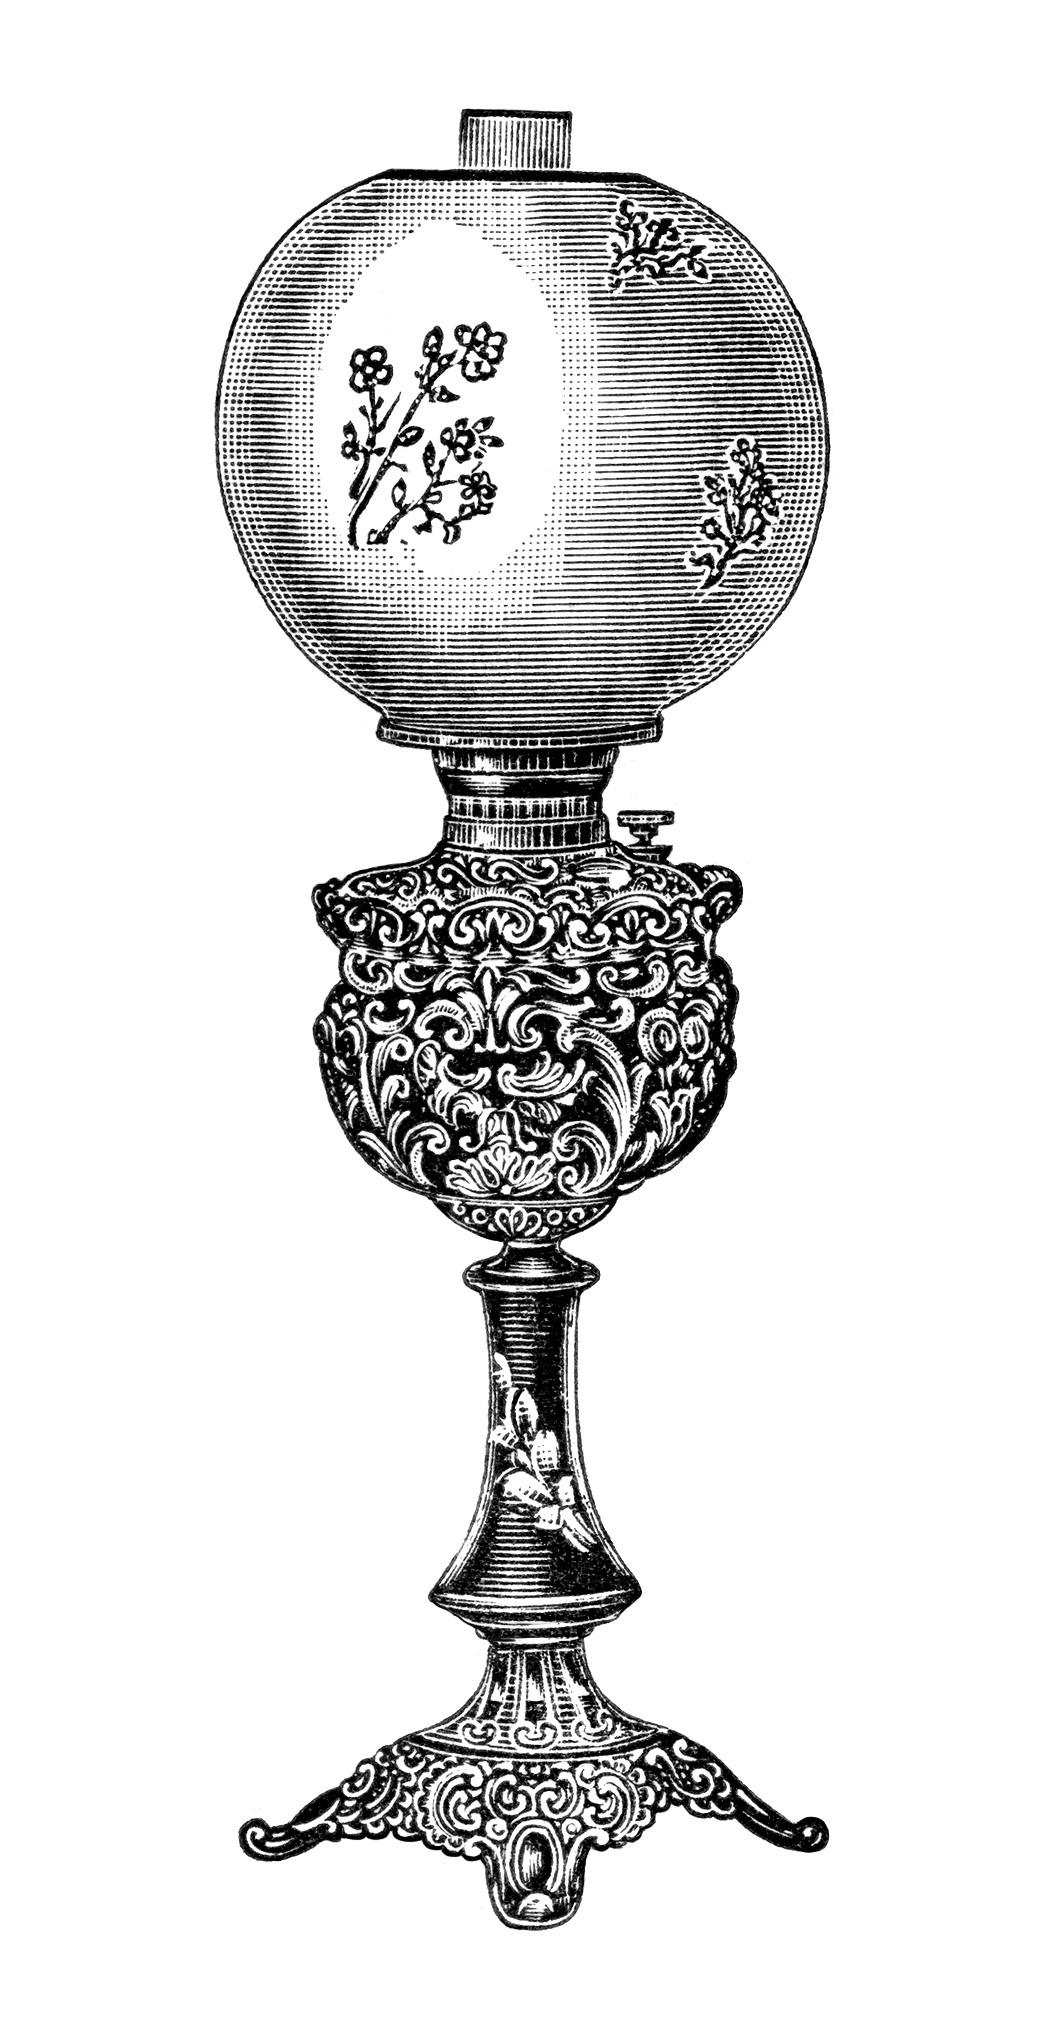 Free Vintage Image Brass Banquet Lamp 4 Old Design Shop